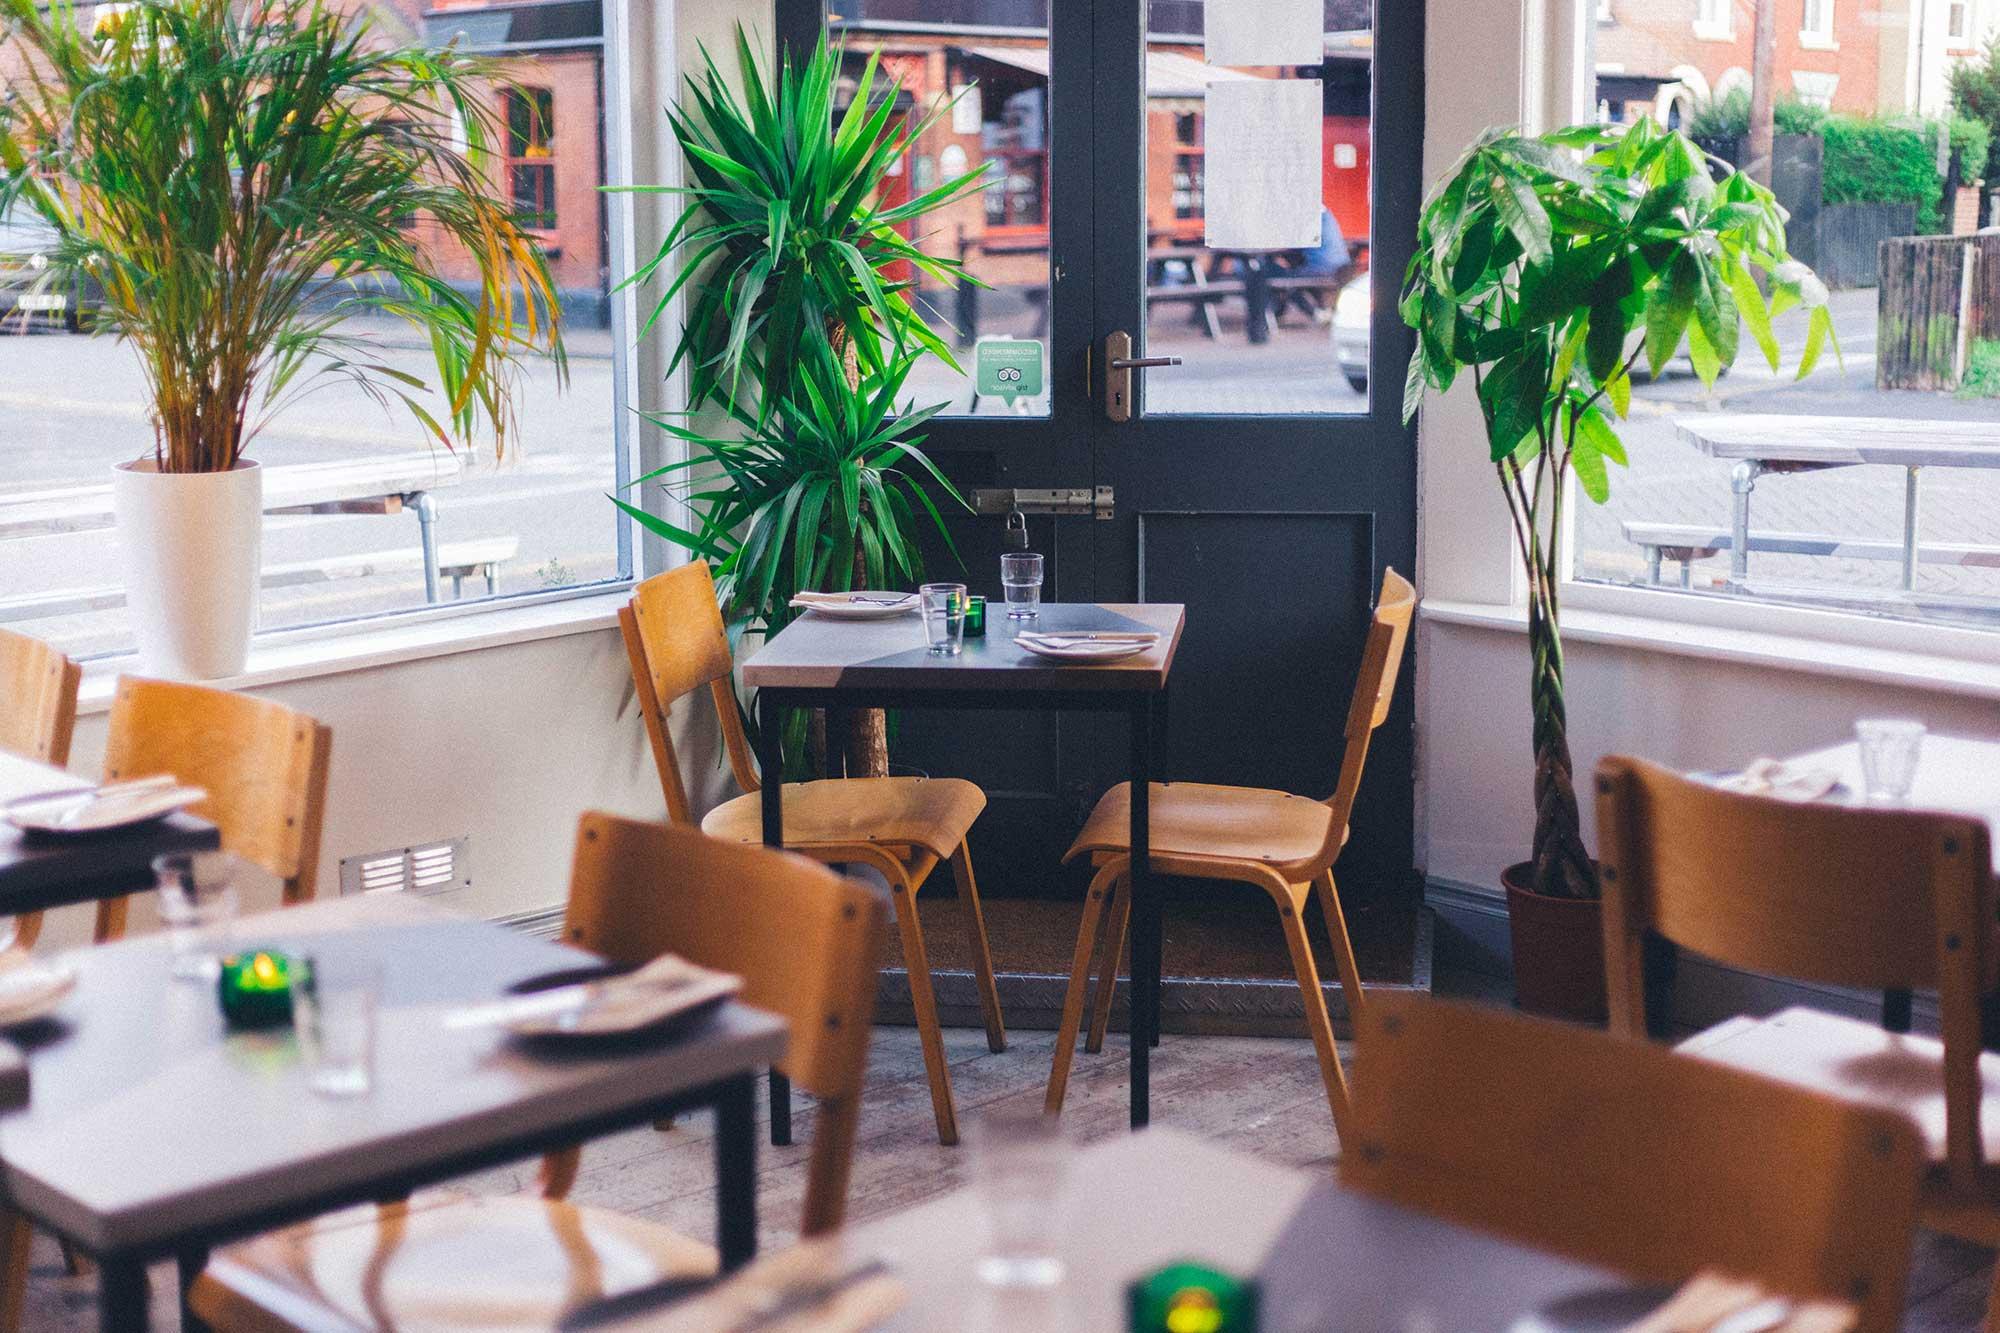 Best-Restaurants-in-Norwich-2018 - 2019.jpg